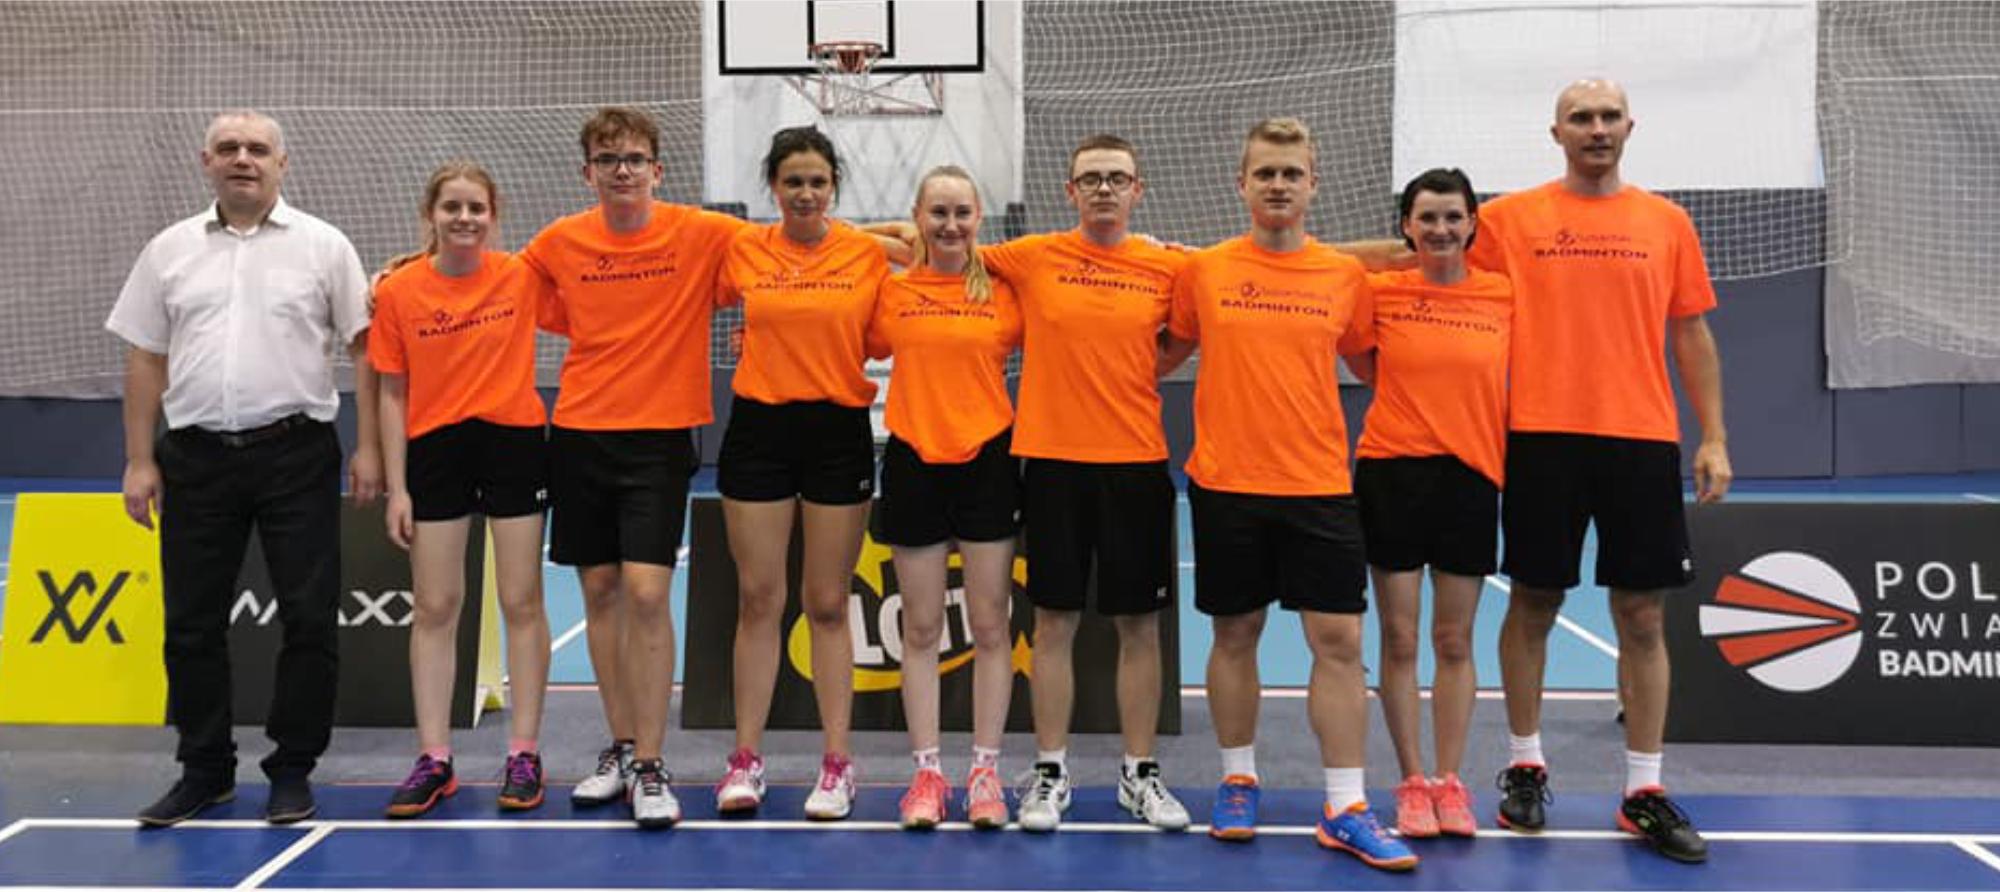 Drużyna badmintonistów Spartakusa Niepołomice